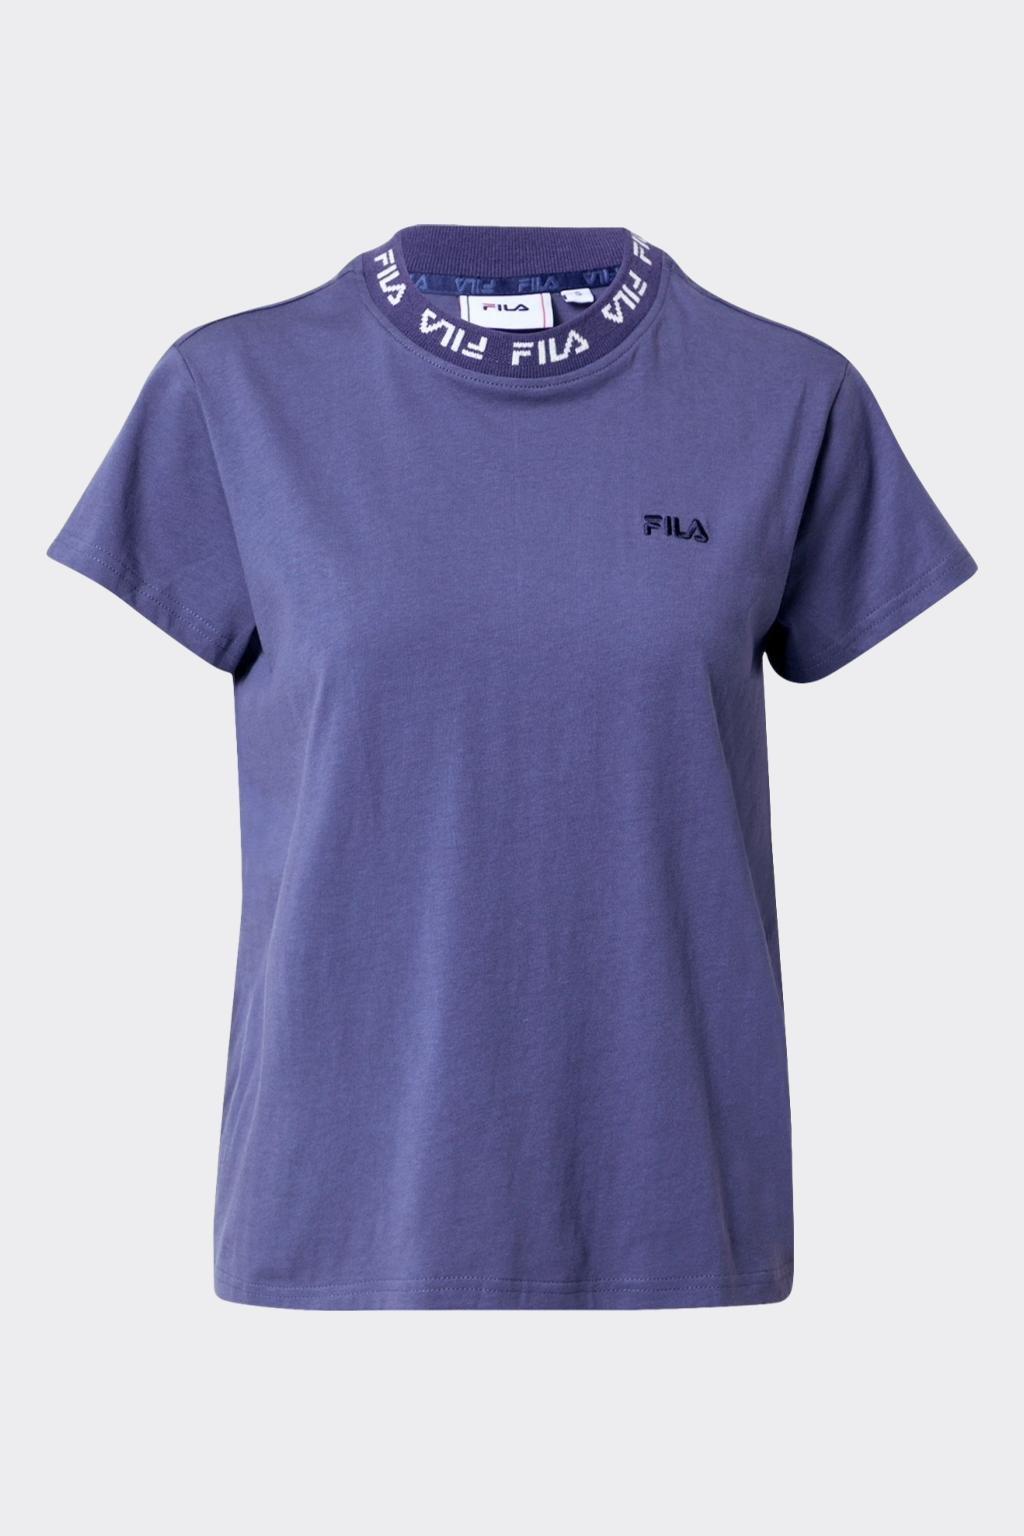 FILA tričko FINNY dámské - modrá